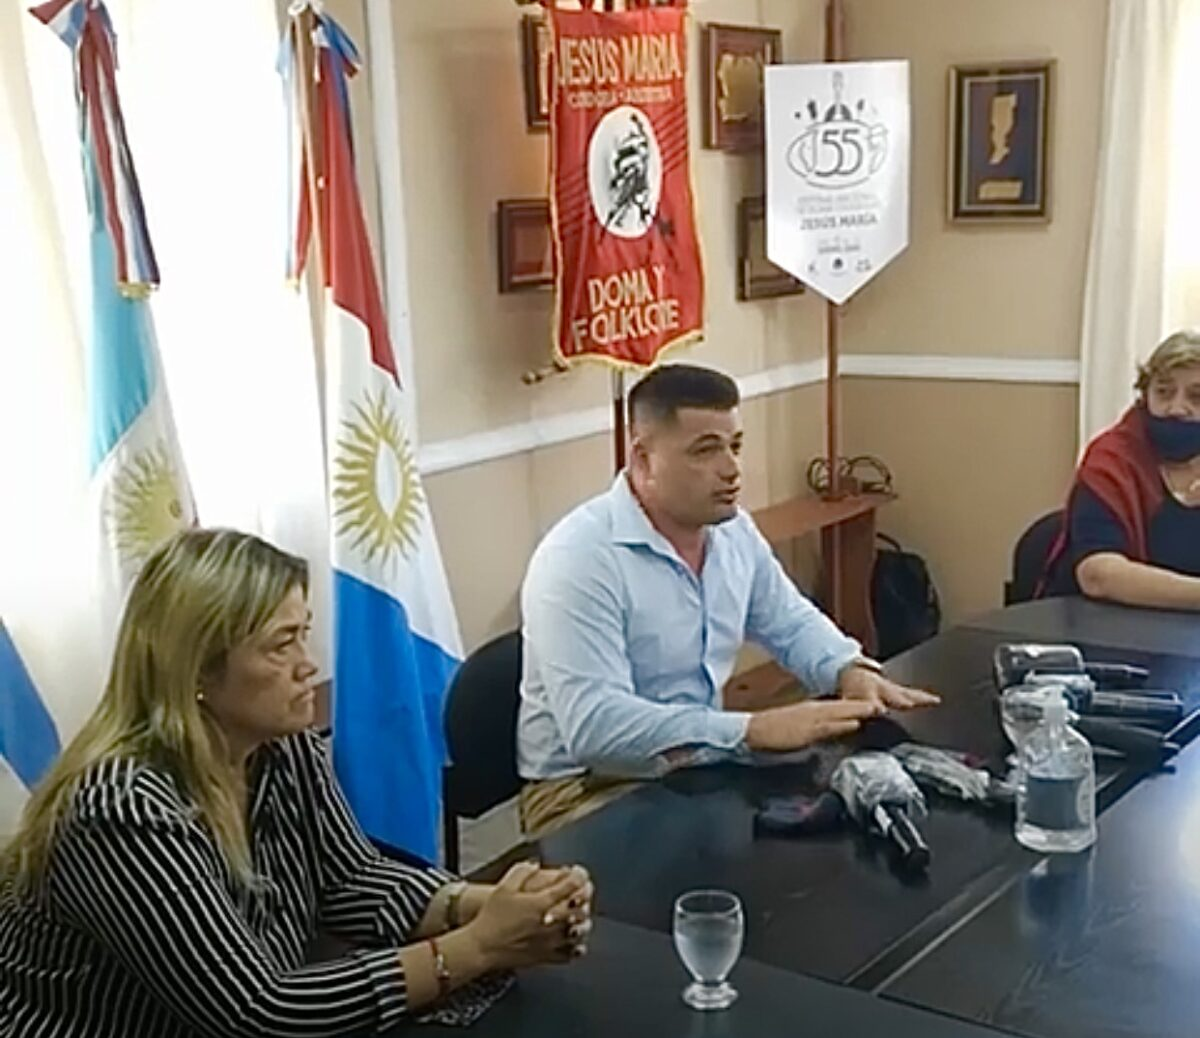 No habrá Festival Nacional de Doma y Folklore en Jesús María durante el 2021